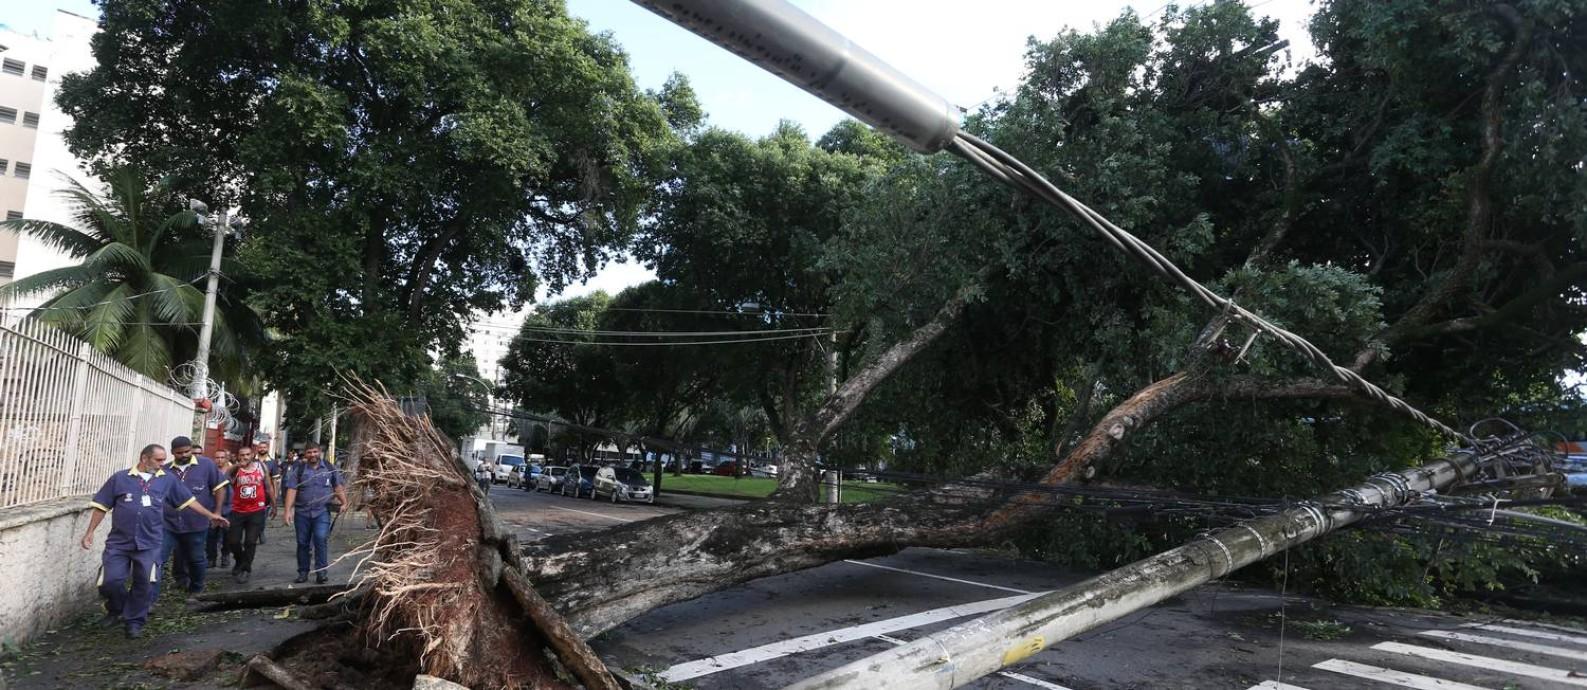 Árvore cai sobre fiação e derruba poste na Rua Joaquim Palhares, no Estácio, na área central do Rio. A via está bloqueda Foto: Pedro Teixeira / Agência O Globo